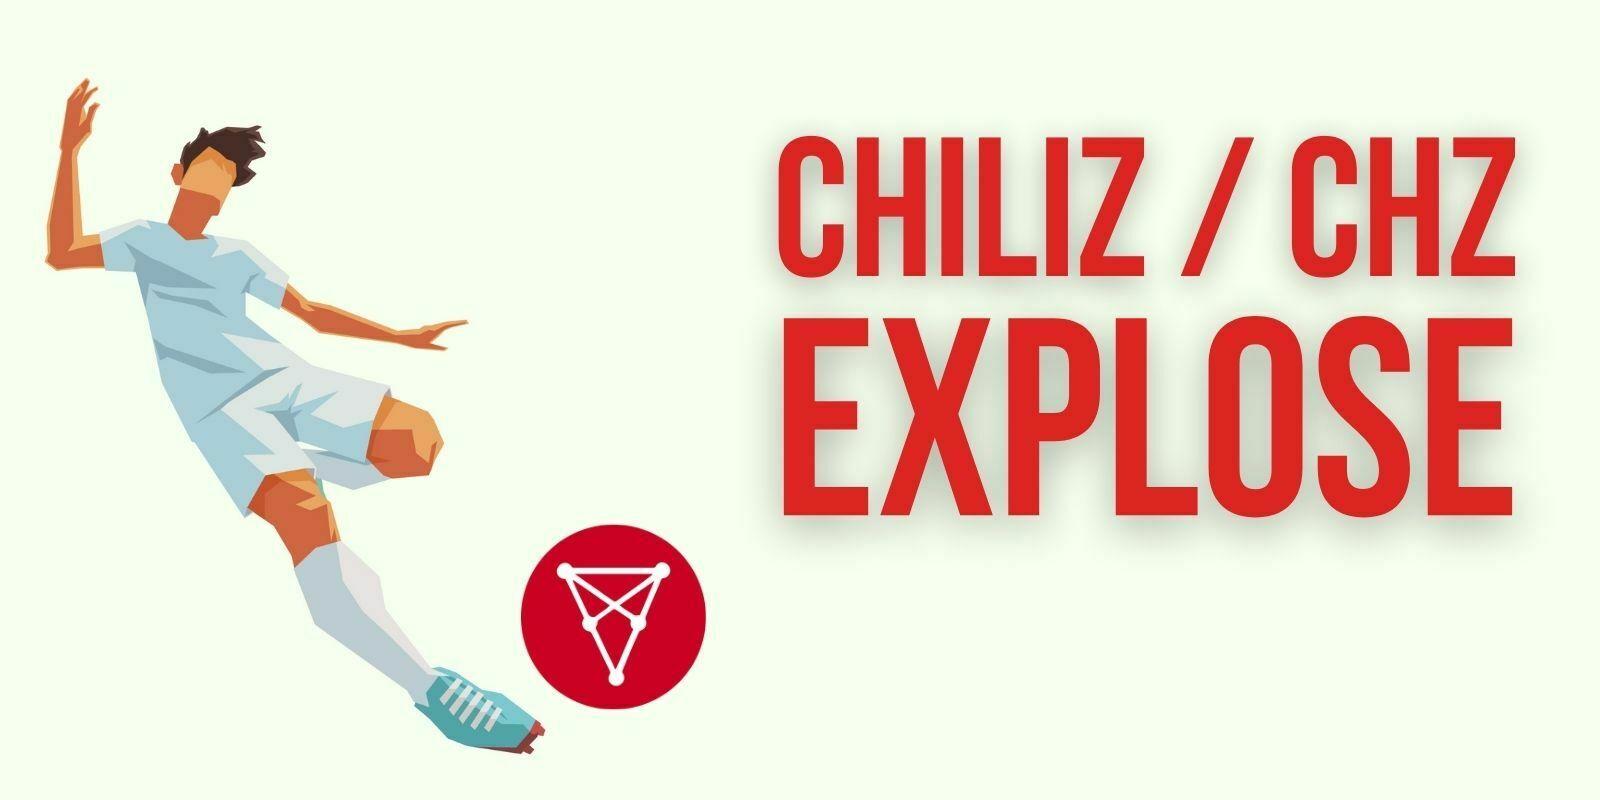 Pourquoi le CHZ de Chiliz vient-il de prendre +127%?